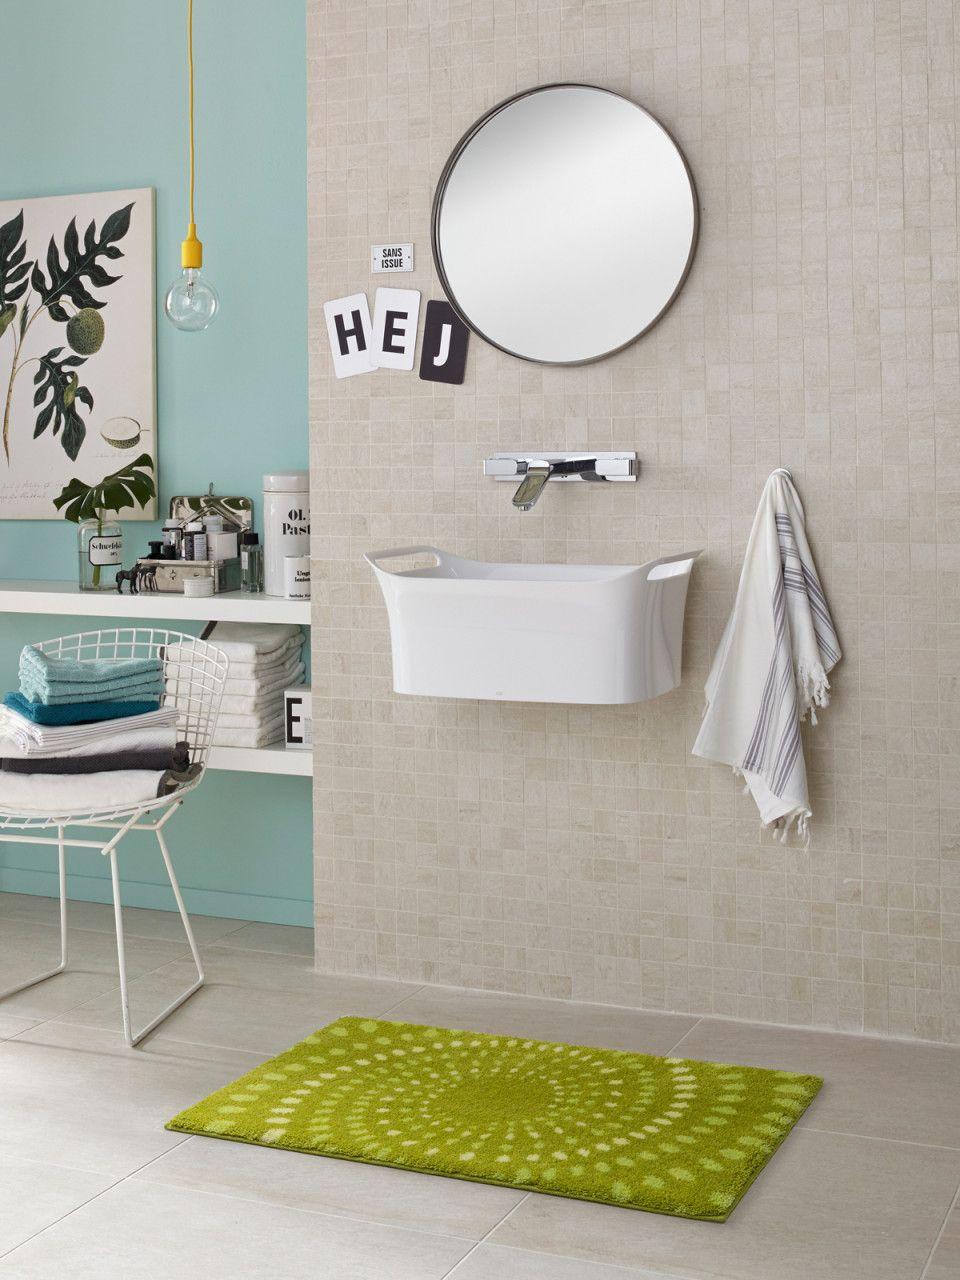 Schoner Wohnen Kollektion Badteppich Mauritius Badezimmer Dekor Badezimmer Planen Schoner Wohnen